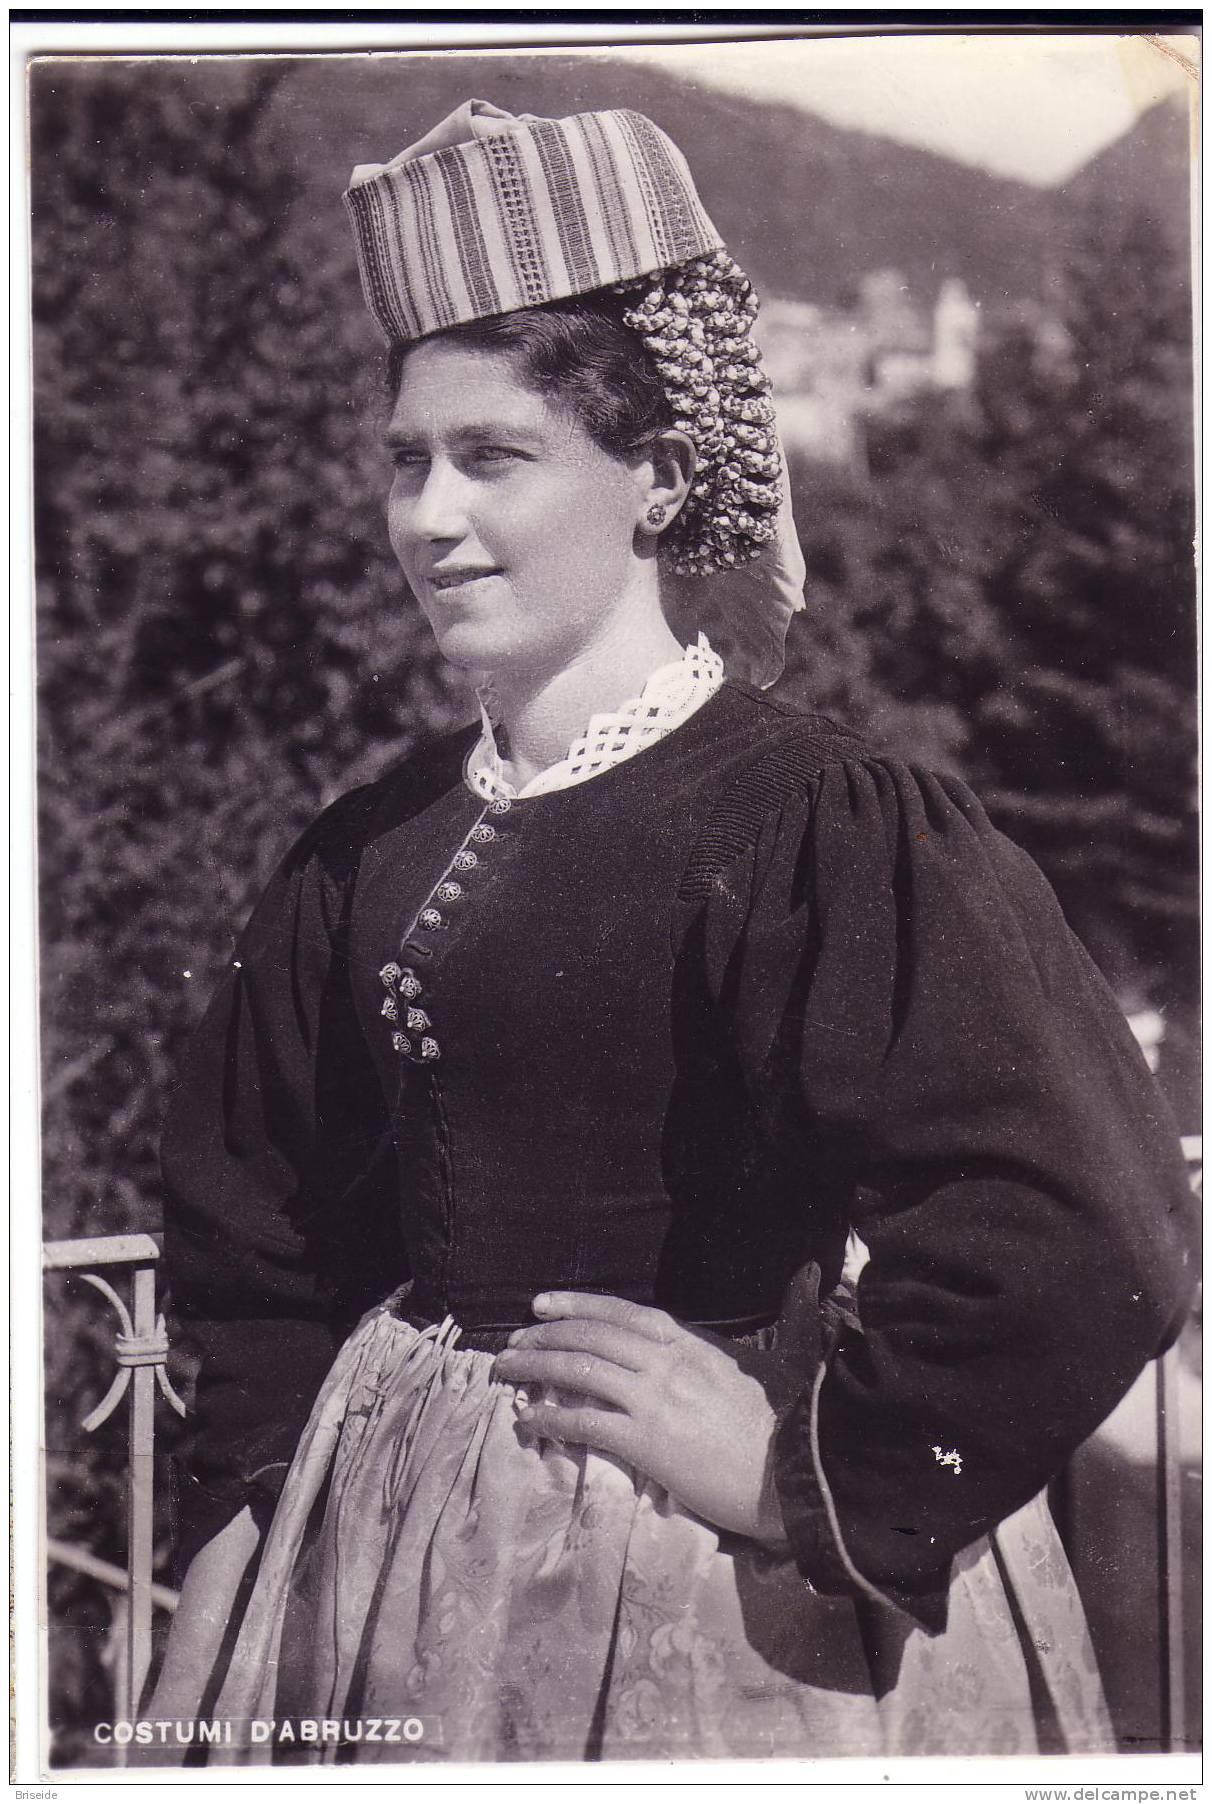 COSTUMI ABRUZZO L´AQUILA COSTUME D´ABRUZZO F/G LUCIDO VIAGGIATA 1955 - Costumi